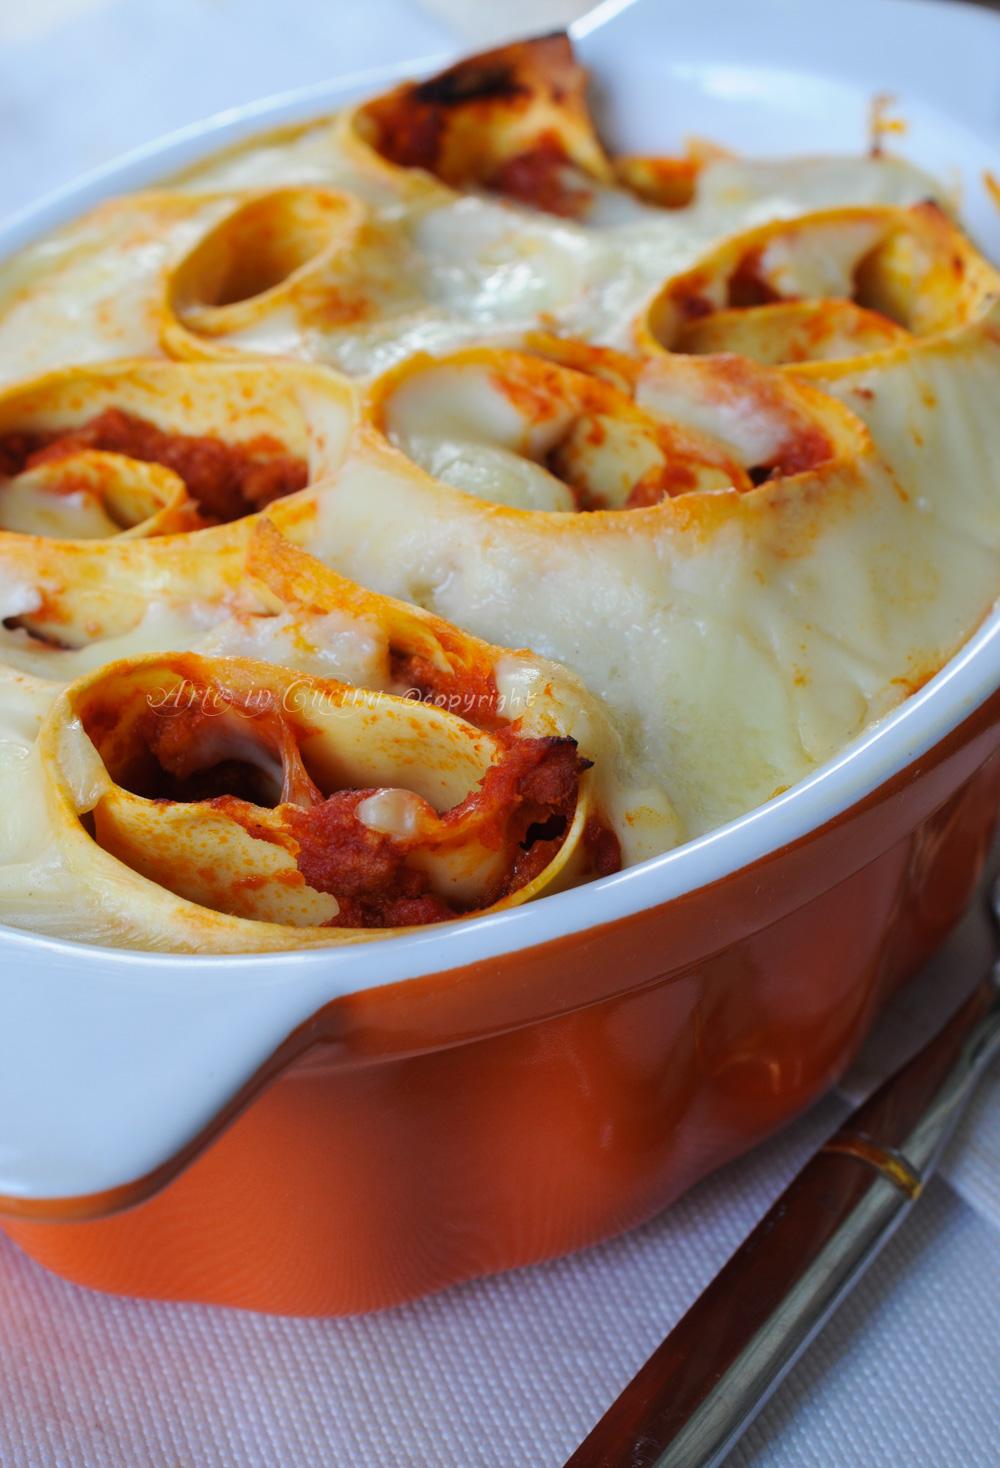 Girelle di lasagne al forno alla bolognese vickyart arte in cucina